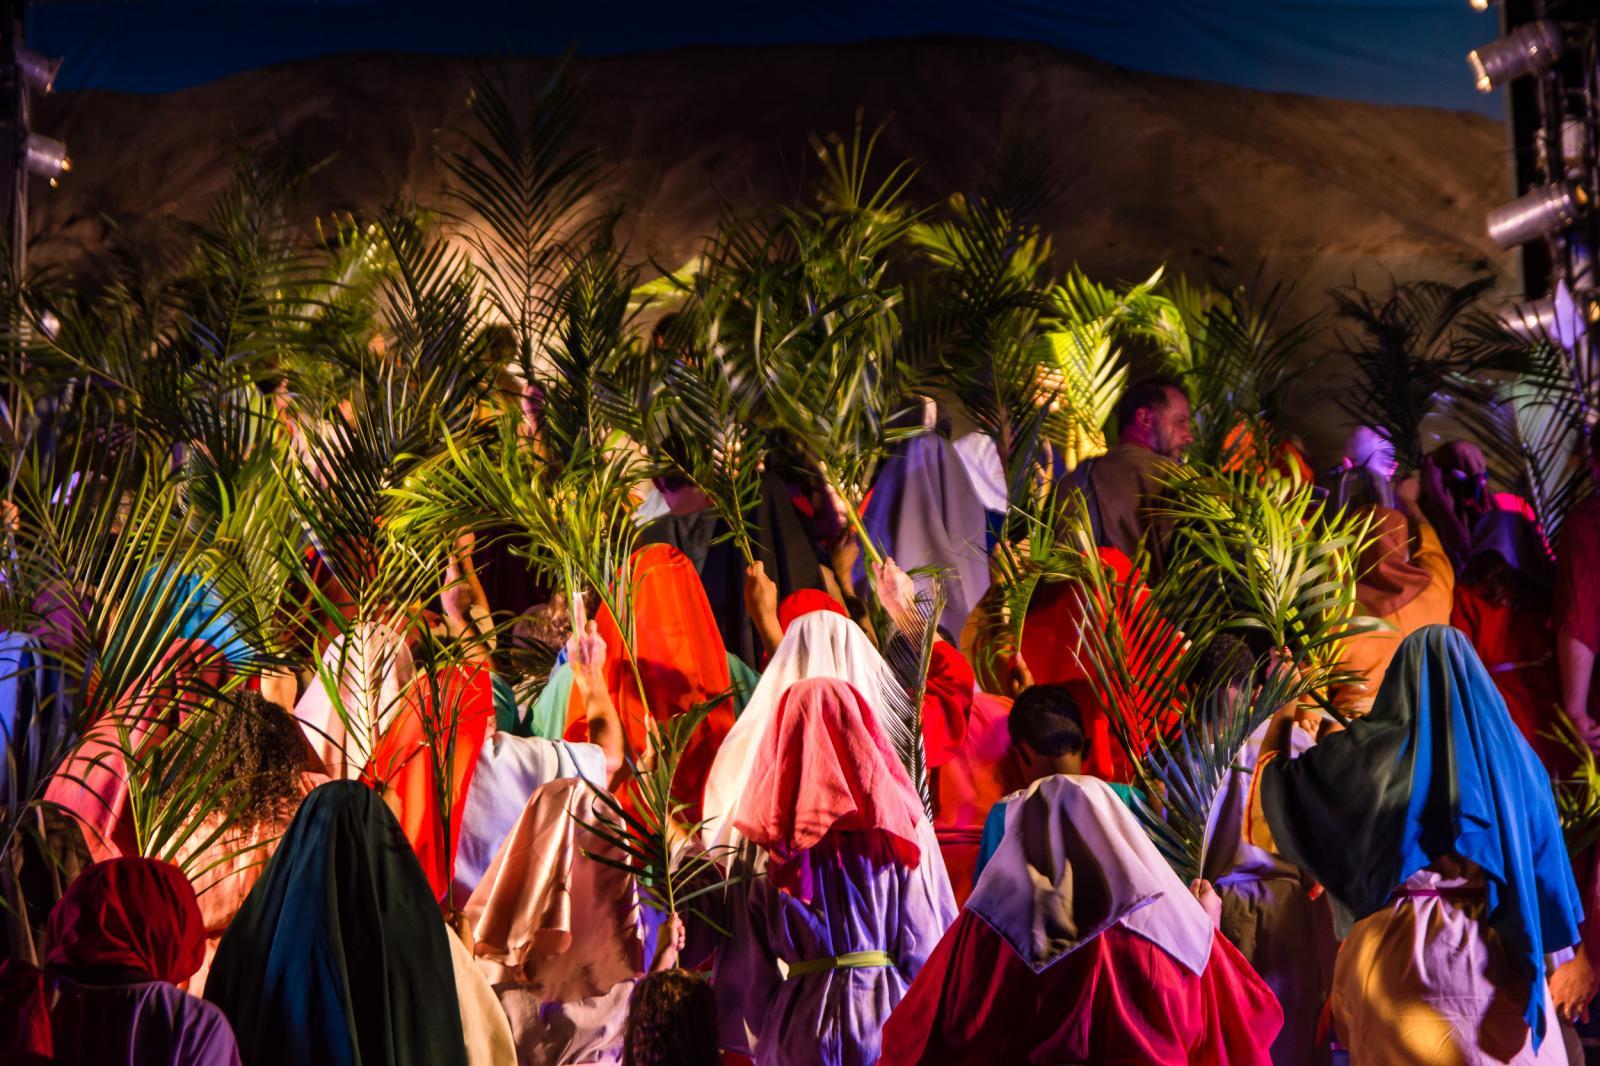 Teatro da Semana Santa de Itarana atraiu cerca de 3 mil expectadores segundo organizadores